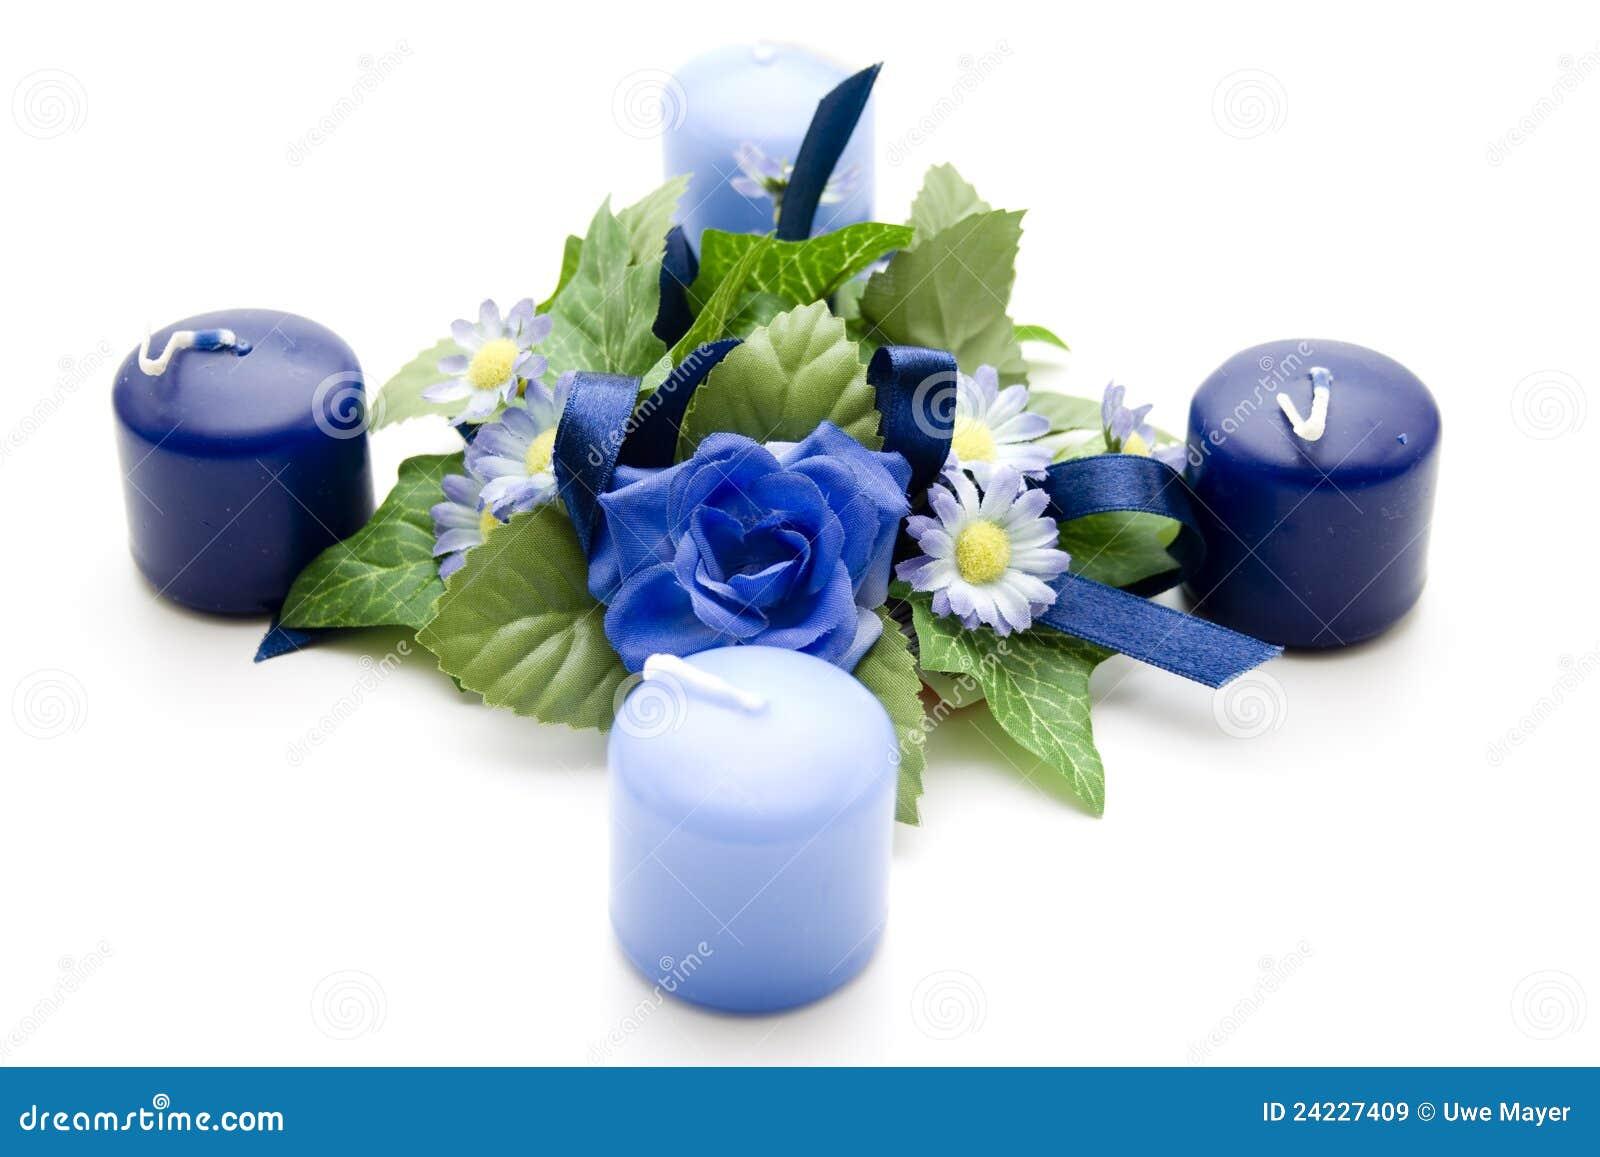 Bloemen decoratie met blauwe kaarsen stock afbeelding for Bloemen decoratie